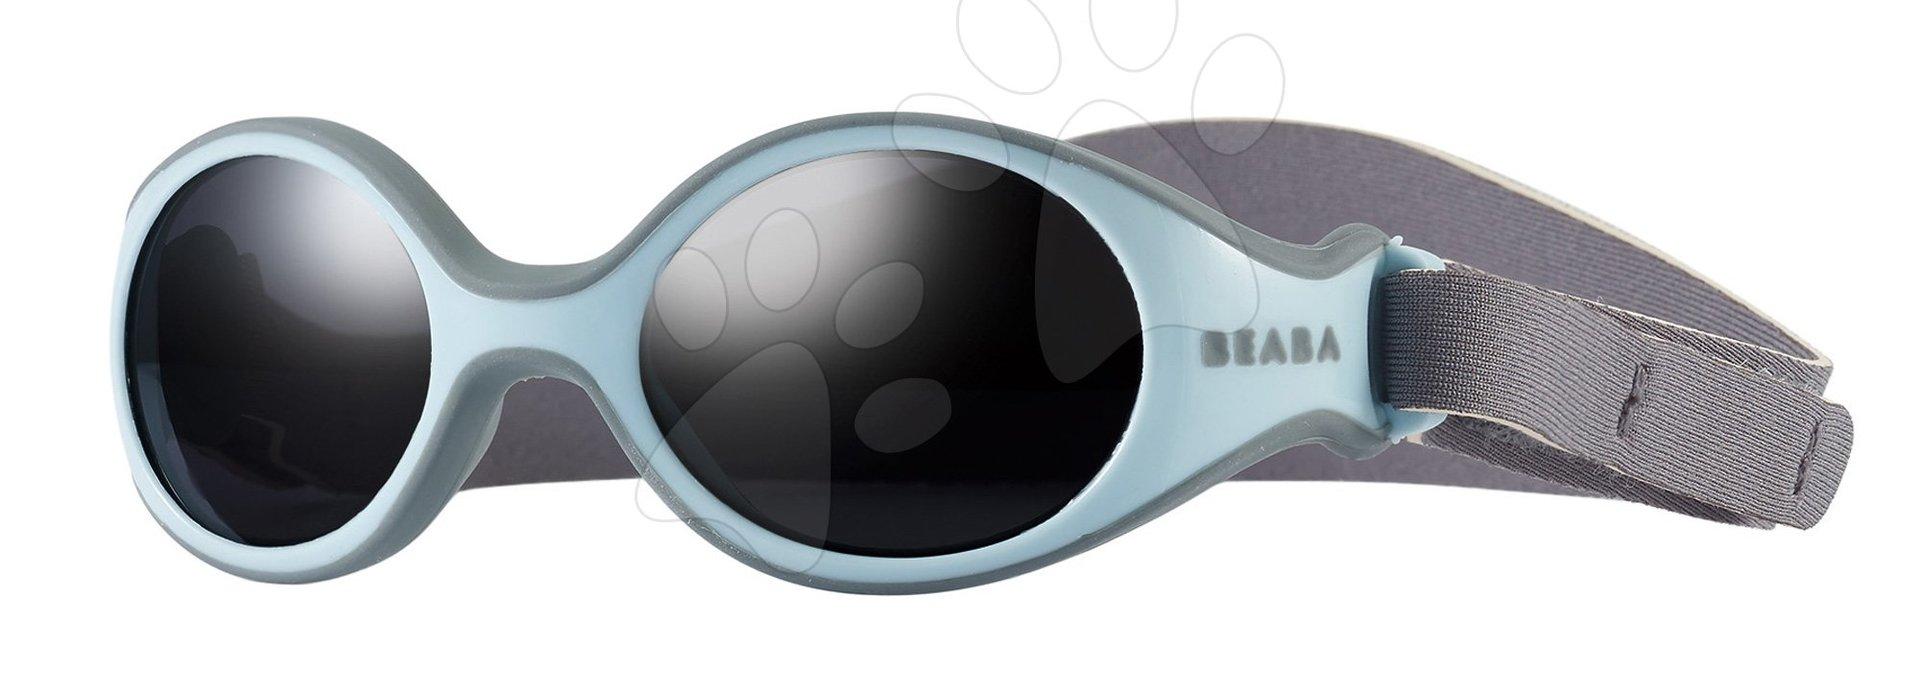 Napszemüveg csecsemőknek Beaba Clip strap XS UV szűrő 4 szürke 958d5a4bf7